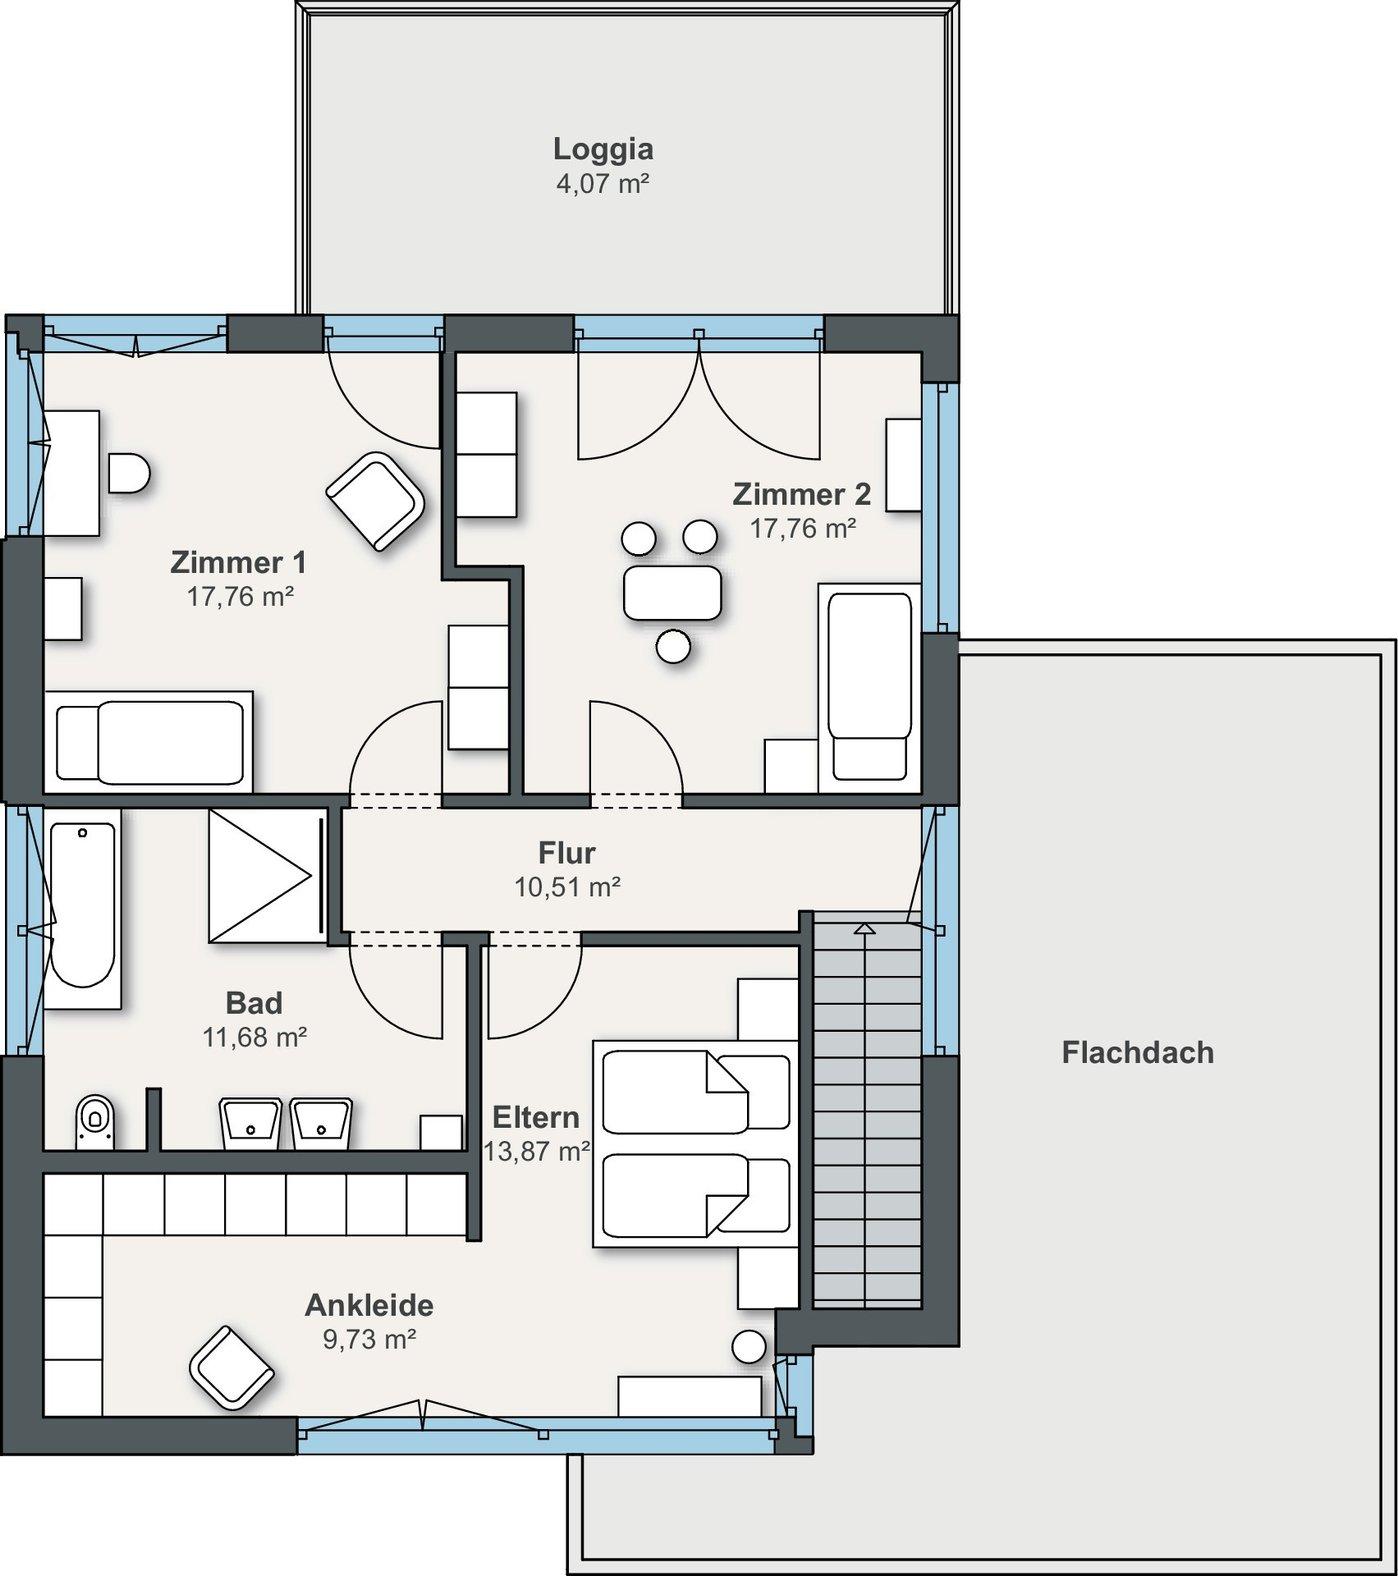 Grundriss Einfamilienhaus Obergeschoss